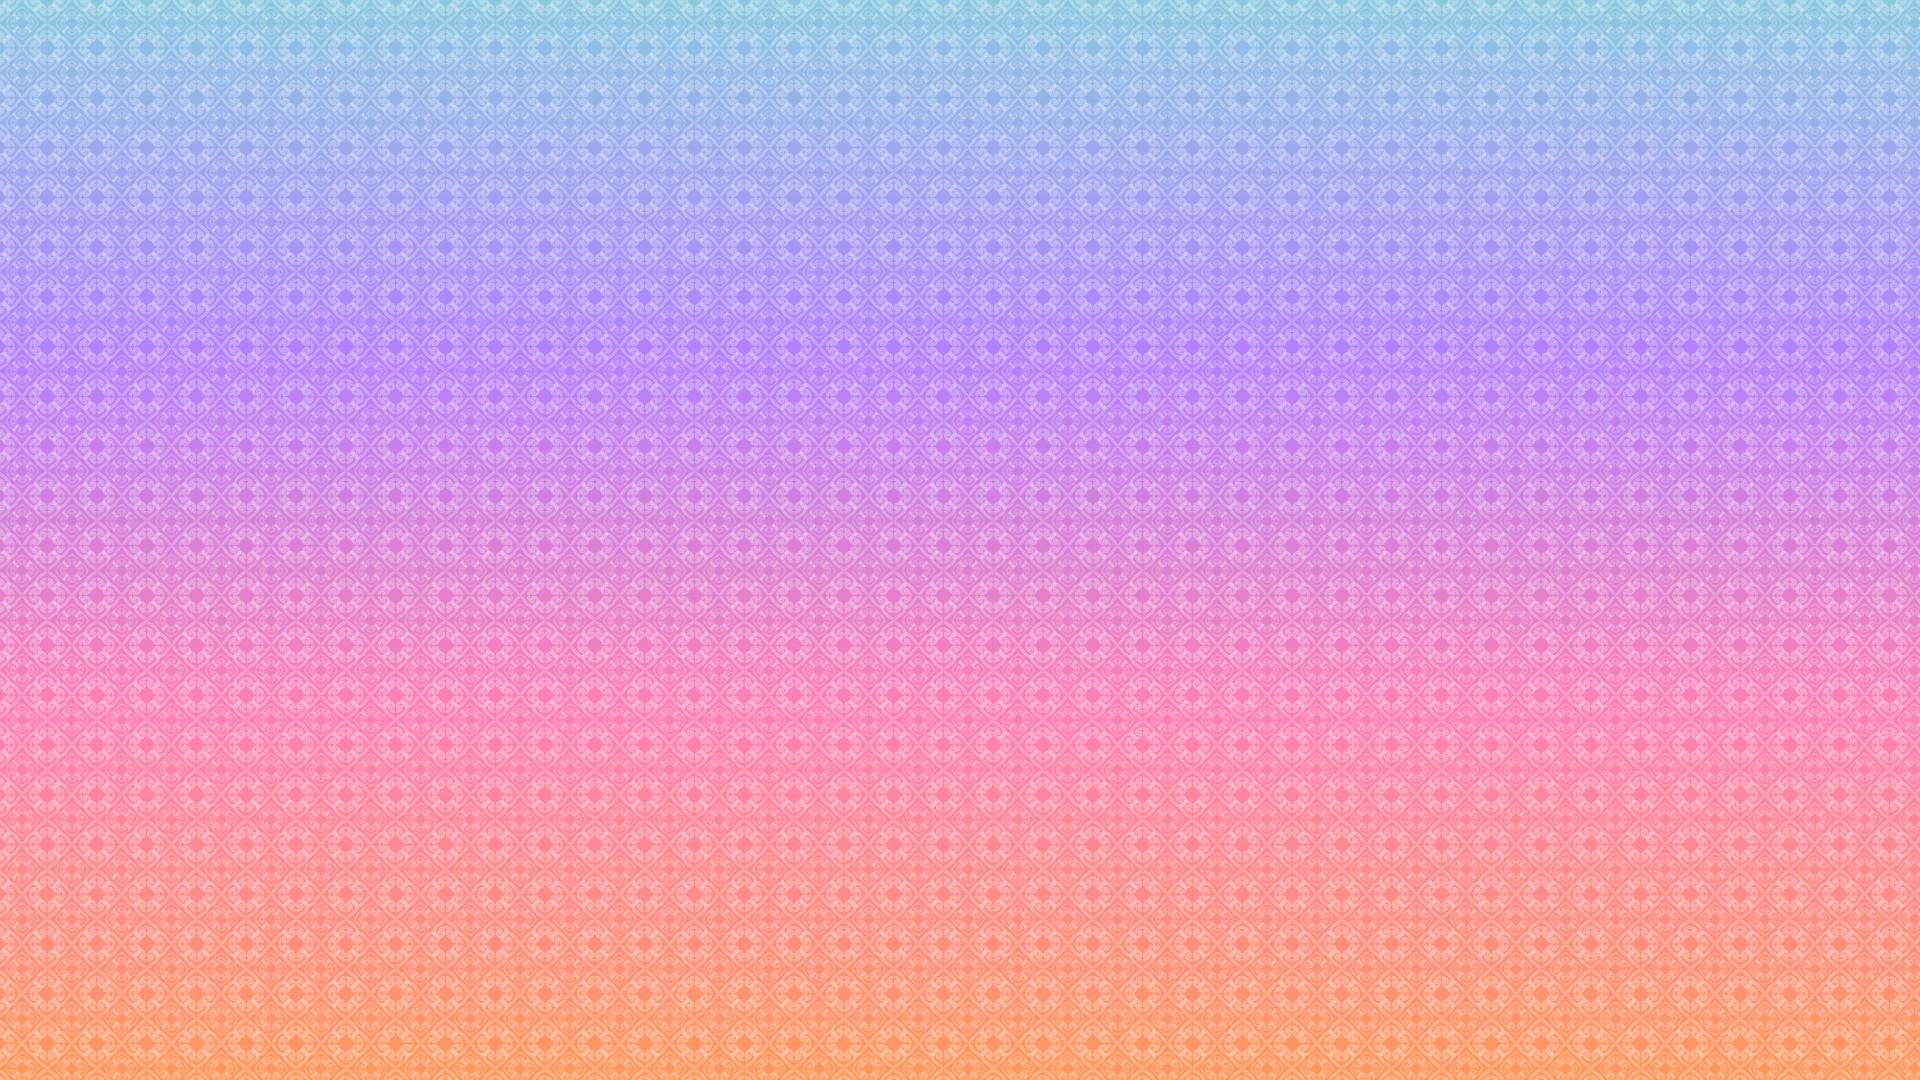 Zywiec beer wallpaper for widescreen desktop pc 1920x1080 full hd - Pattern 1 5 6 Horisontal Rainbow Hd Wallpaper By Elideli